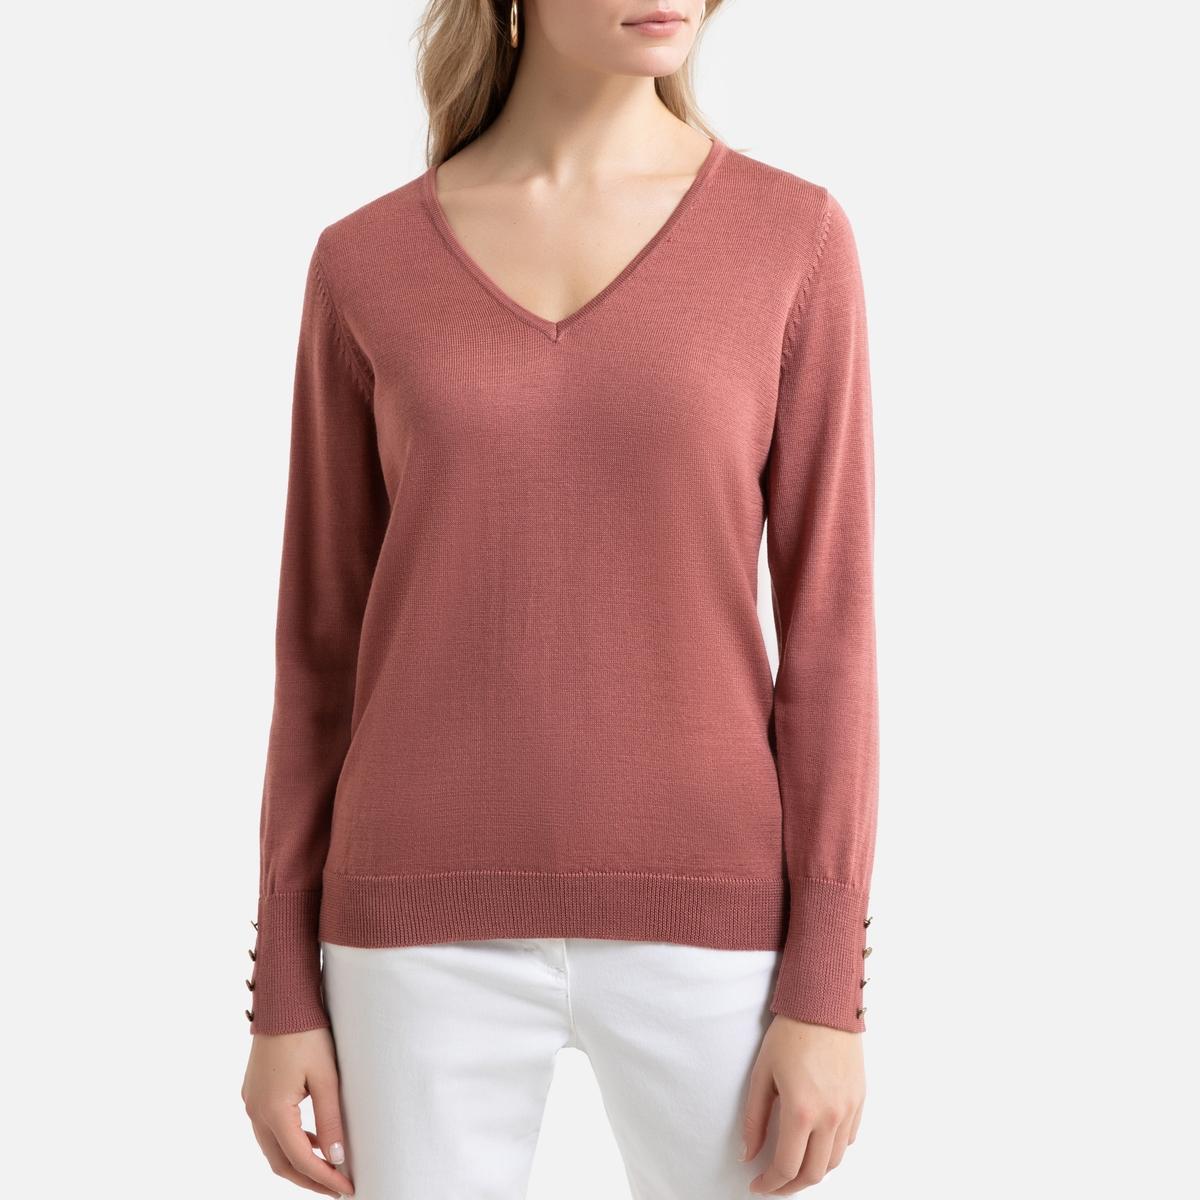 Пуловер La Redoute С V-образным вырезом из полушерстяного тонкого трикотажа 38/40 (FR) - 44/46 (RUS) розовый пуловер la redoute с капюшоном из тонкого трикотажа 42 44 fr 48 50 rus красный